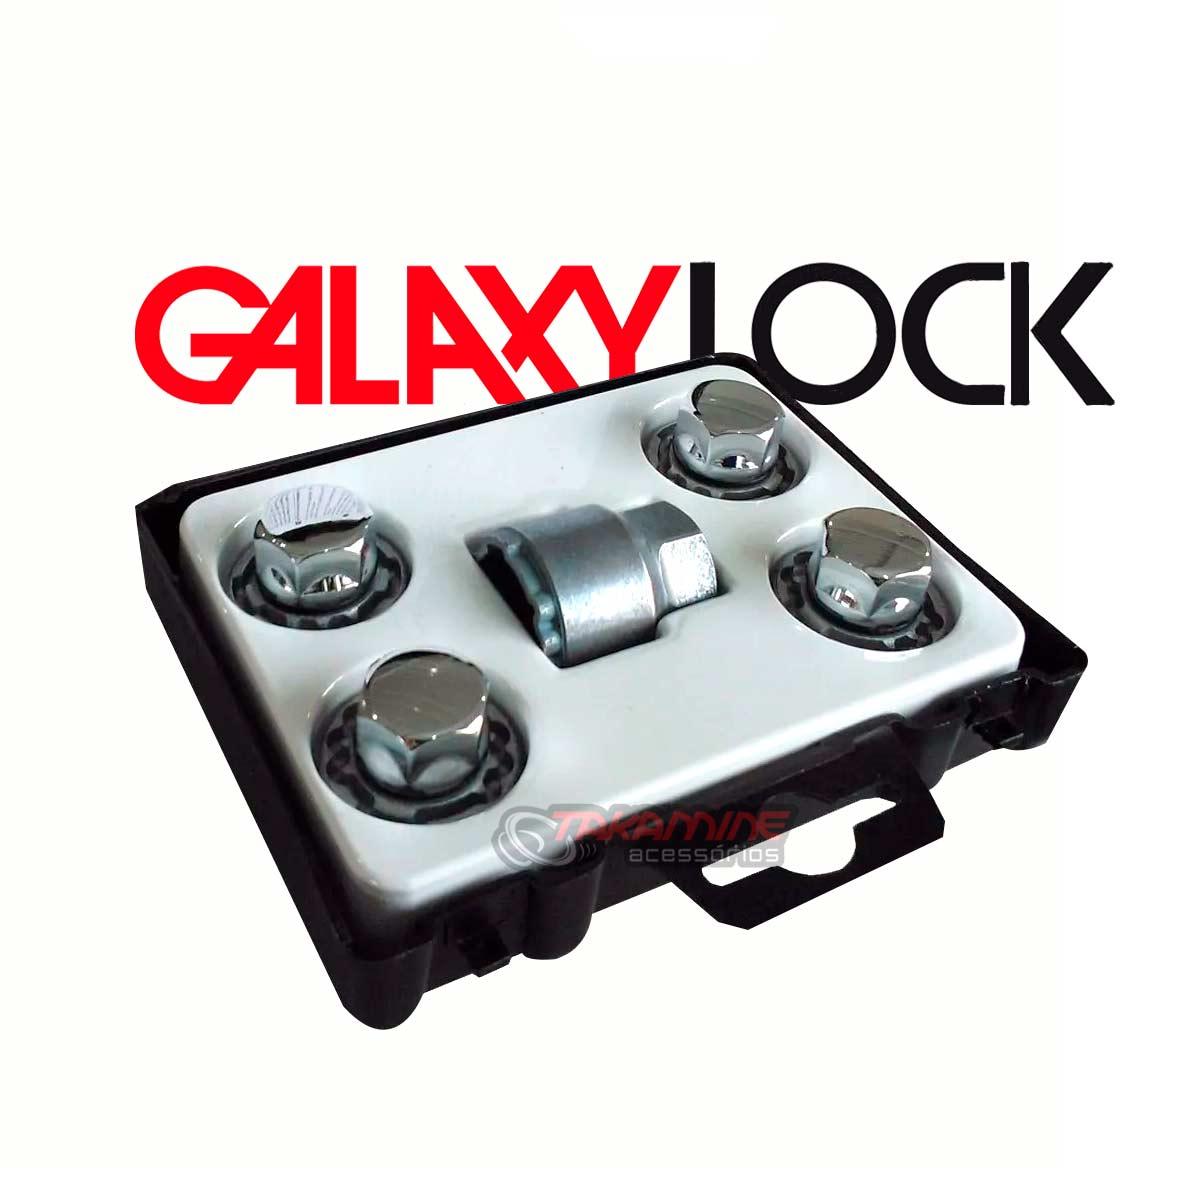 Porca antifurto para rodas Galaxy Lock Freemont 2011 até 2016 H/M